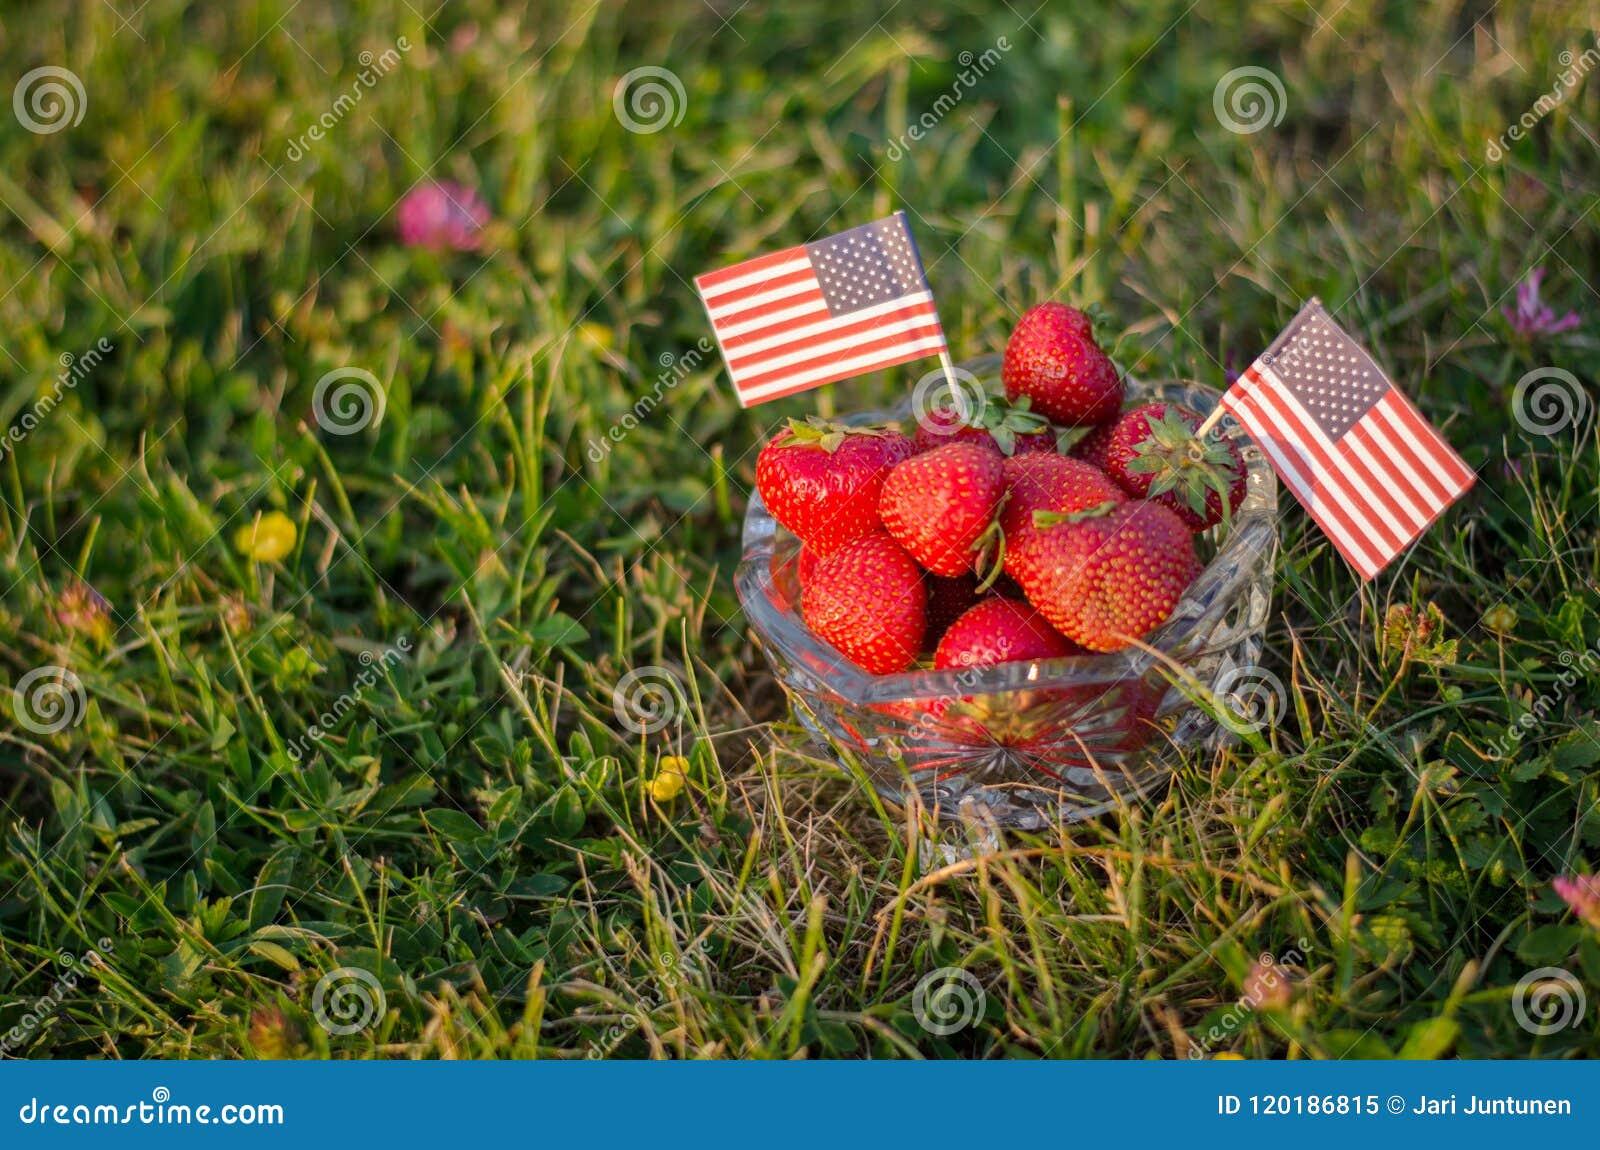 Fraises dans une cuvette avec les drapeaux américains